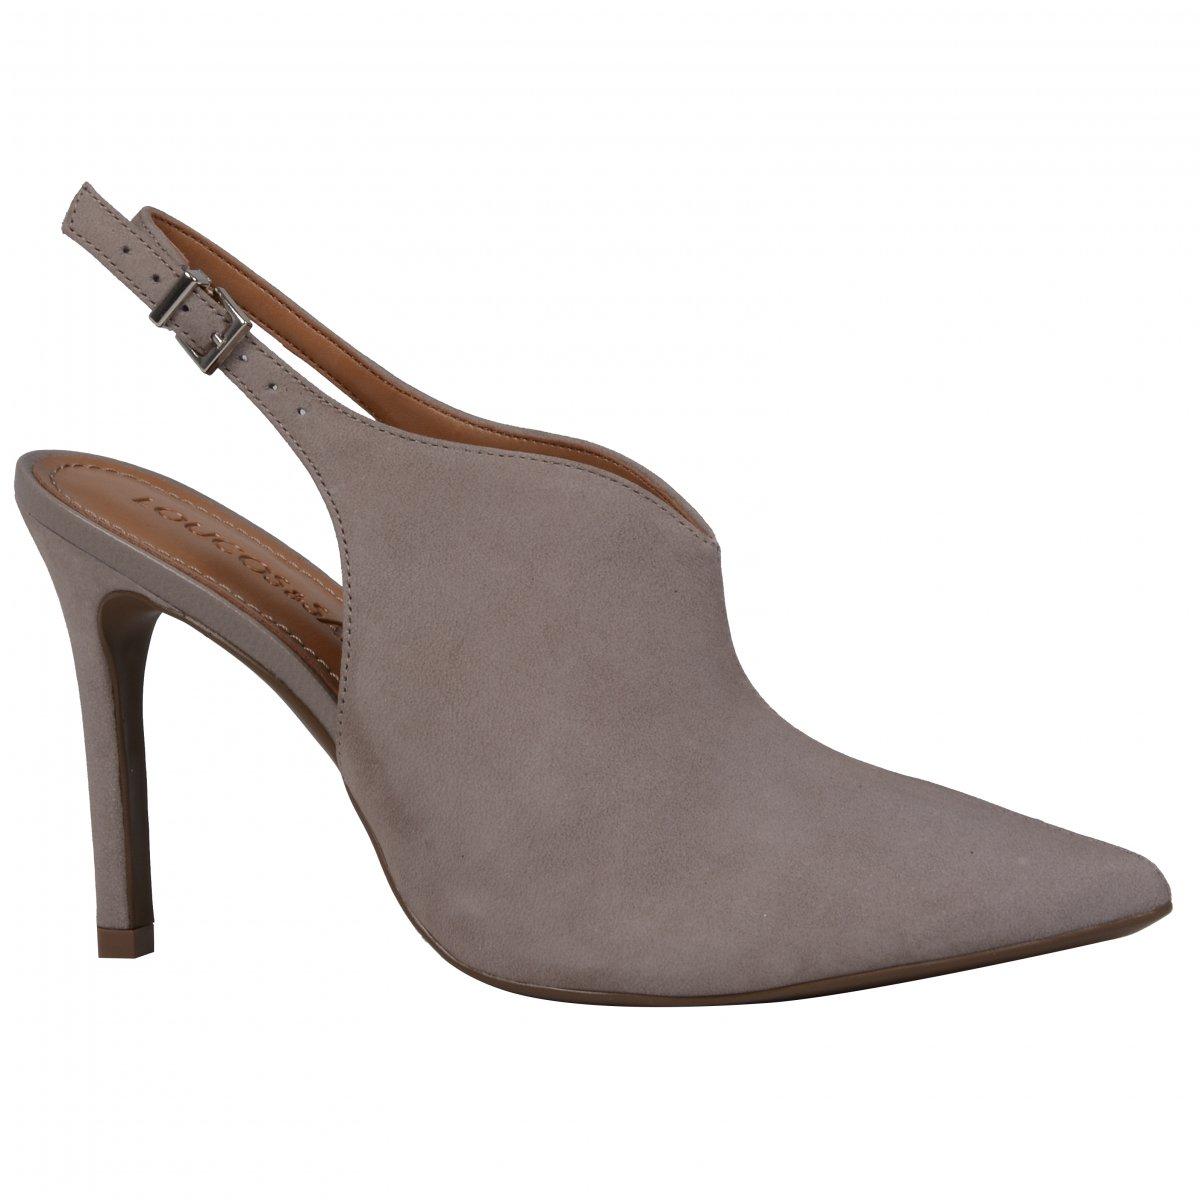 2a0cf4e4e5 sapato liso salto alto Loucos   santos L41164039A01 - TAN - Mercado ...